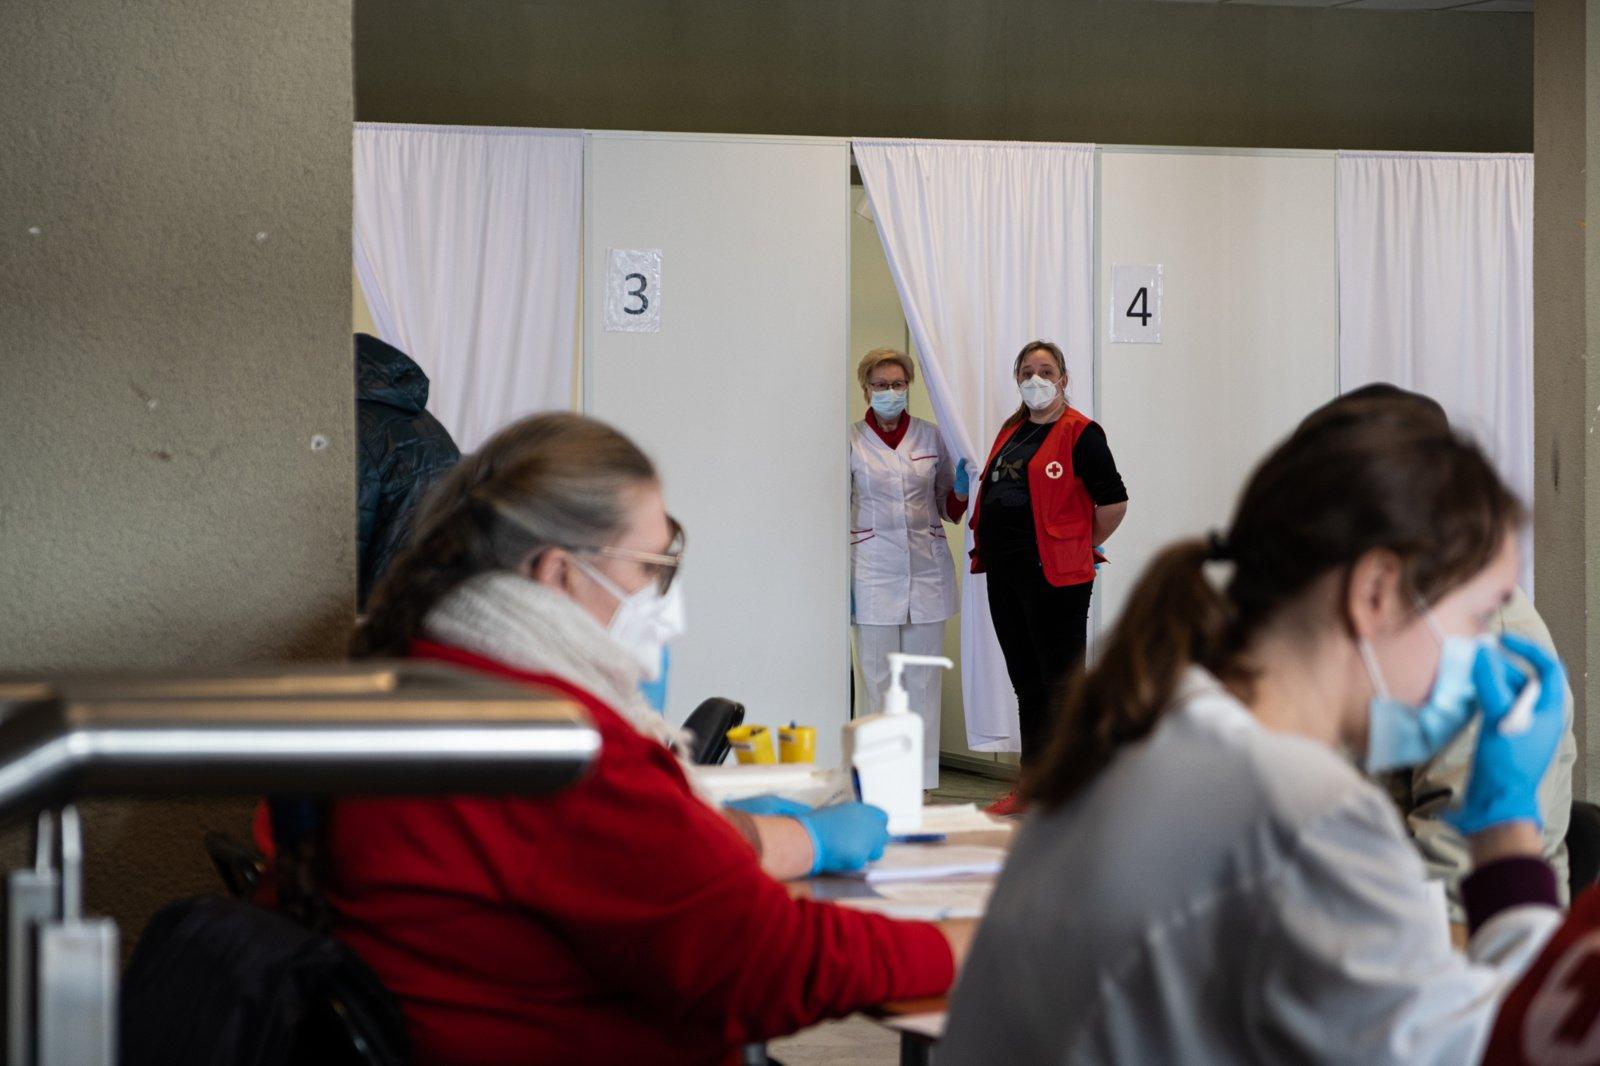 Skiepytis be išankstinės registracijos Alytuje kviečiami senjorai ir asmenys, kuriems nustatytas nuolatinės slaugos poreikis